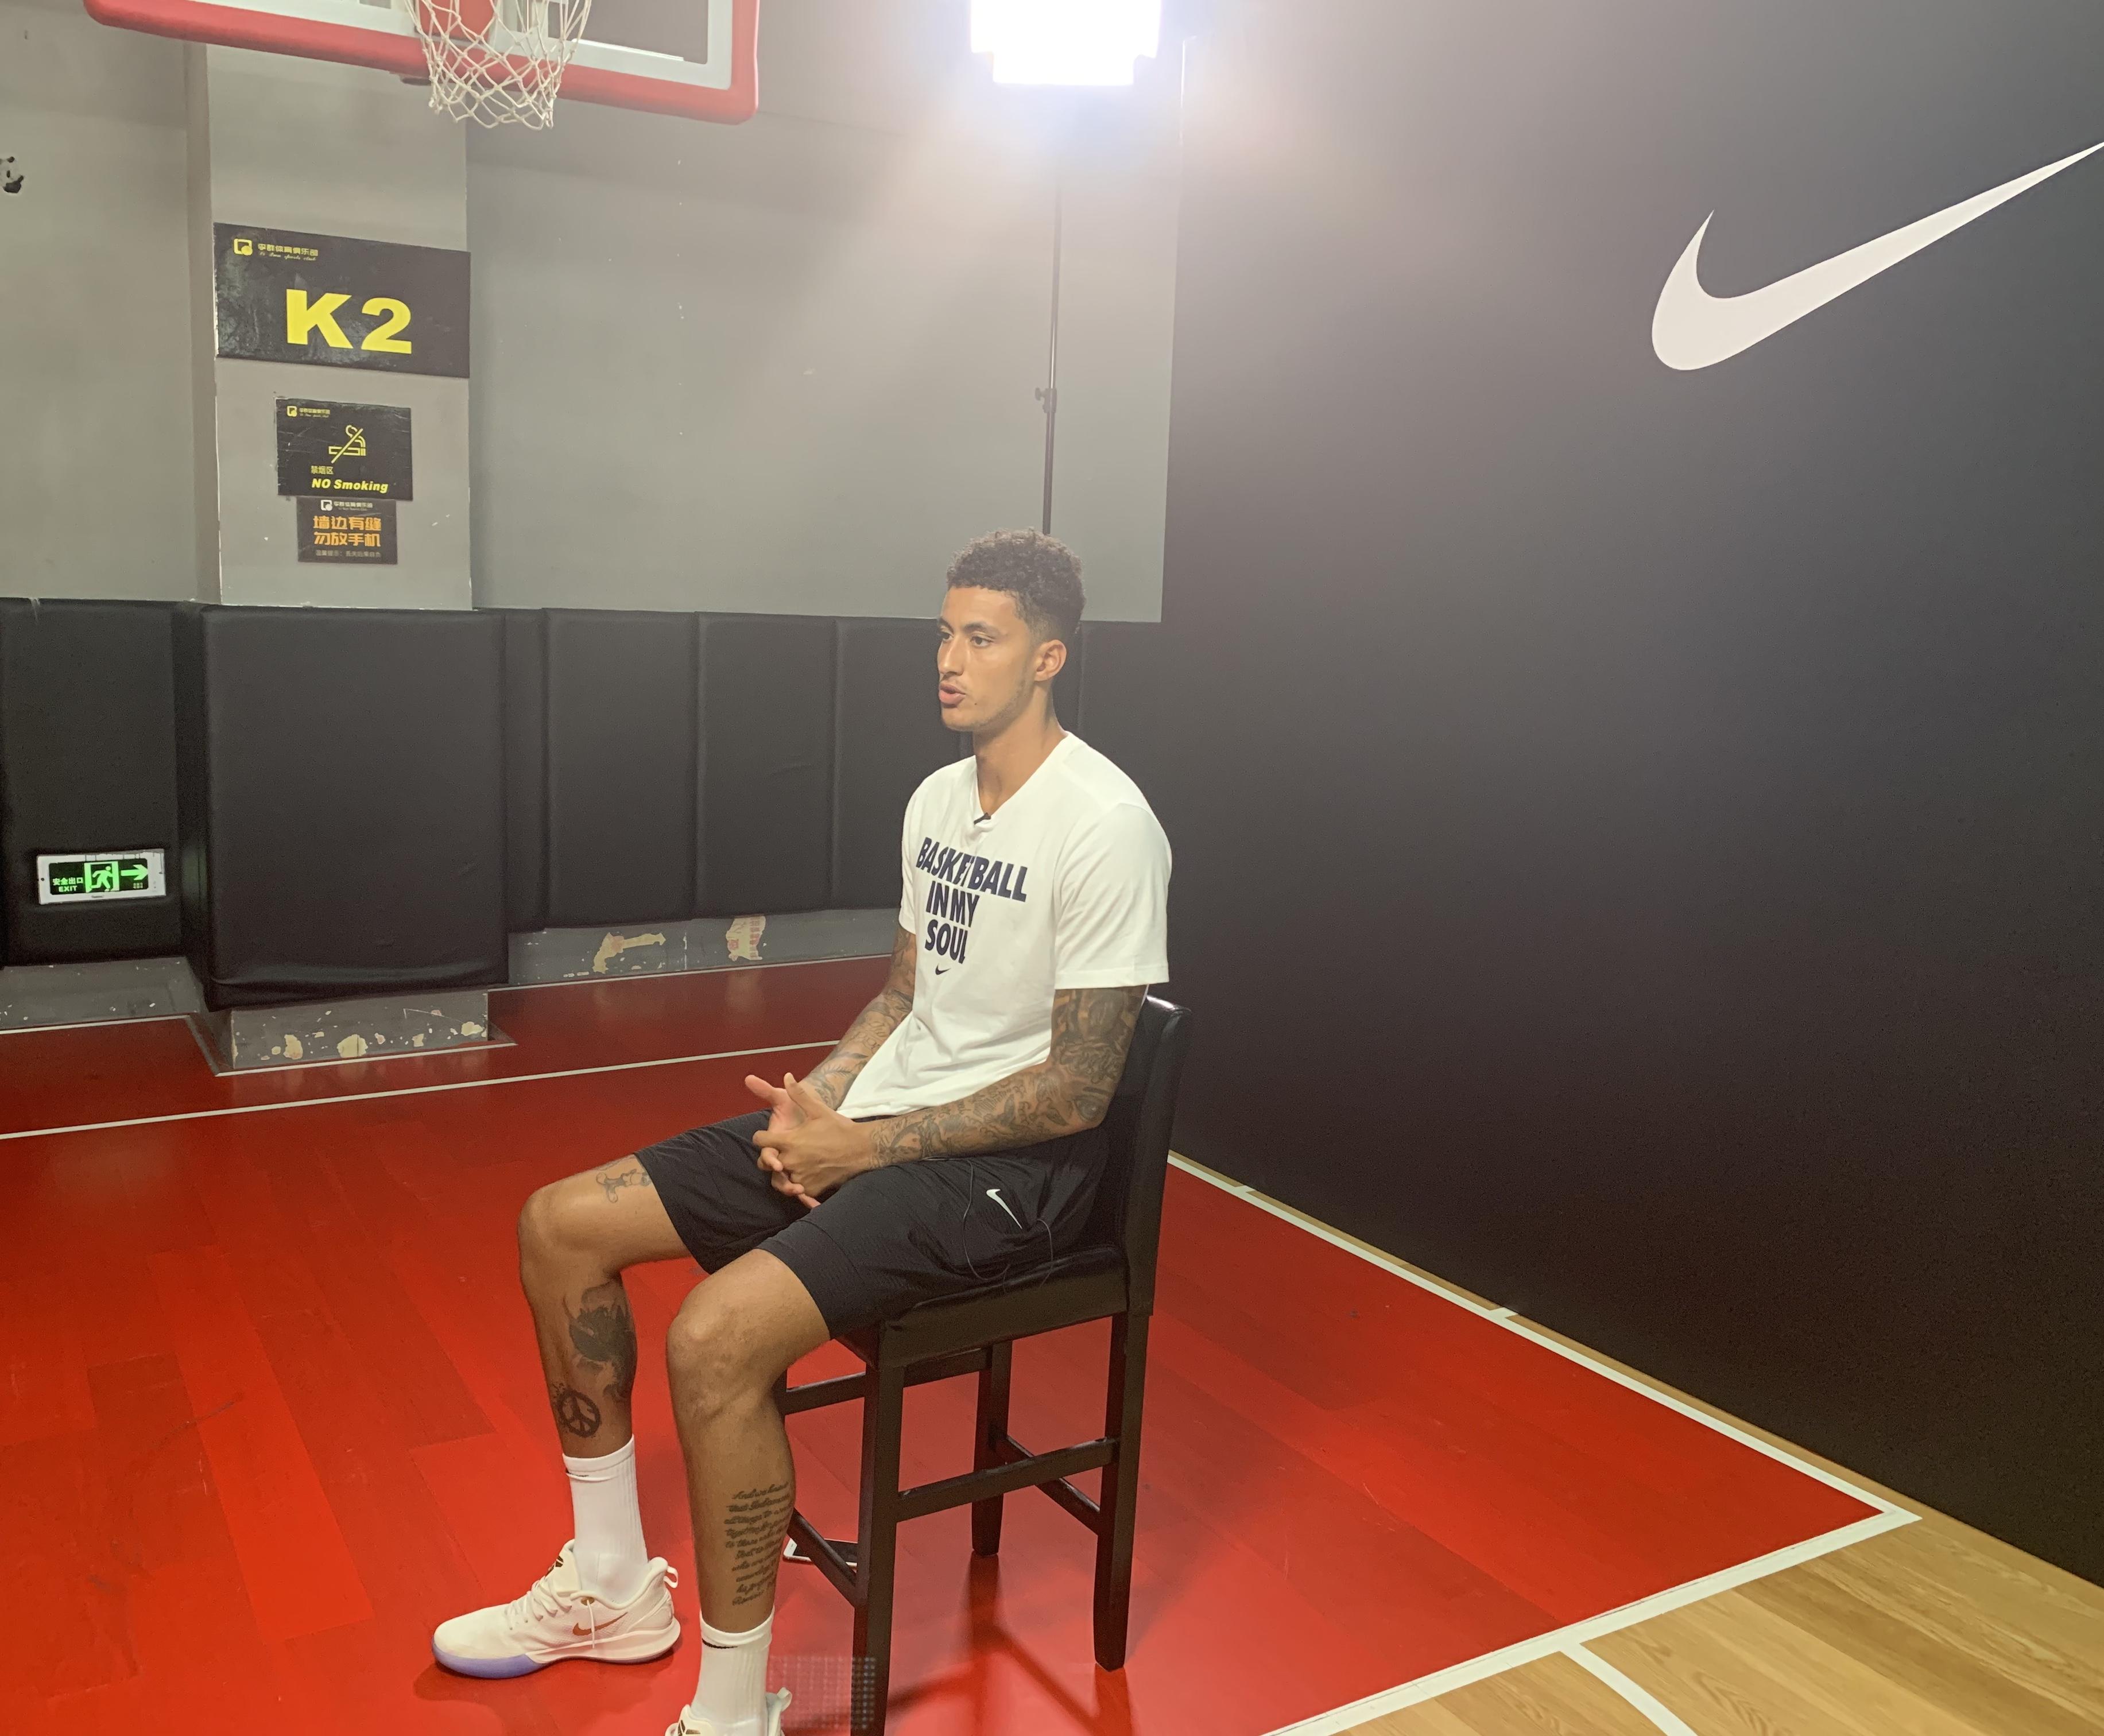 虎扑专访库兹马:下赛季目标全明星,手感不好也要有信心 NBA新闻